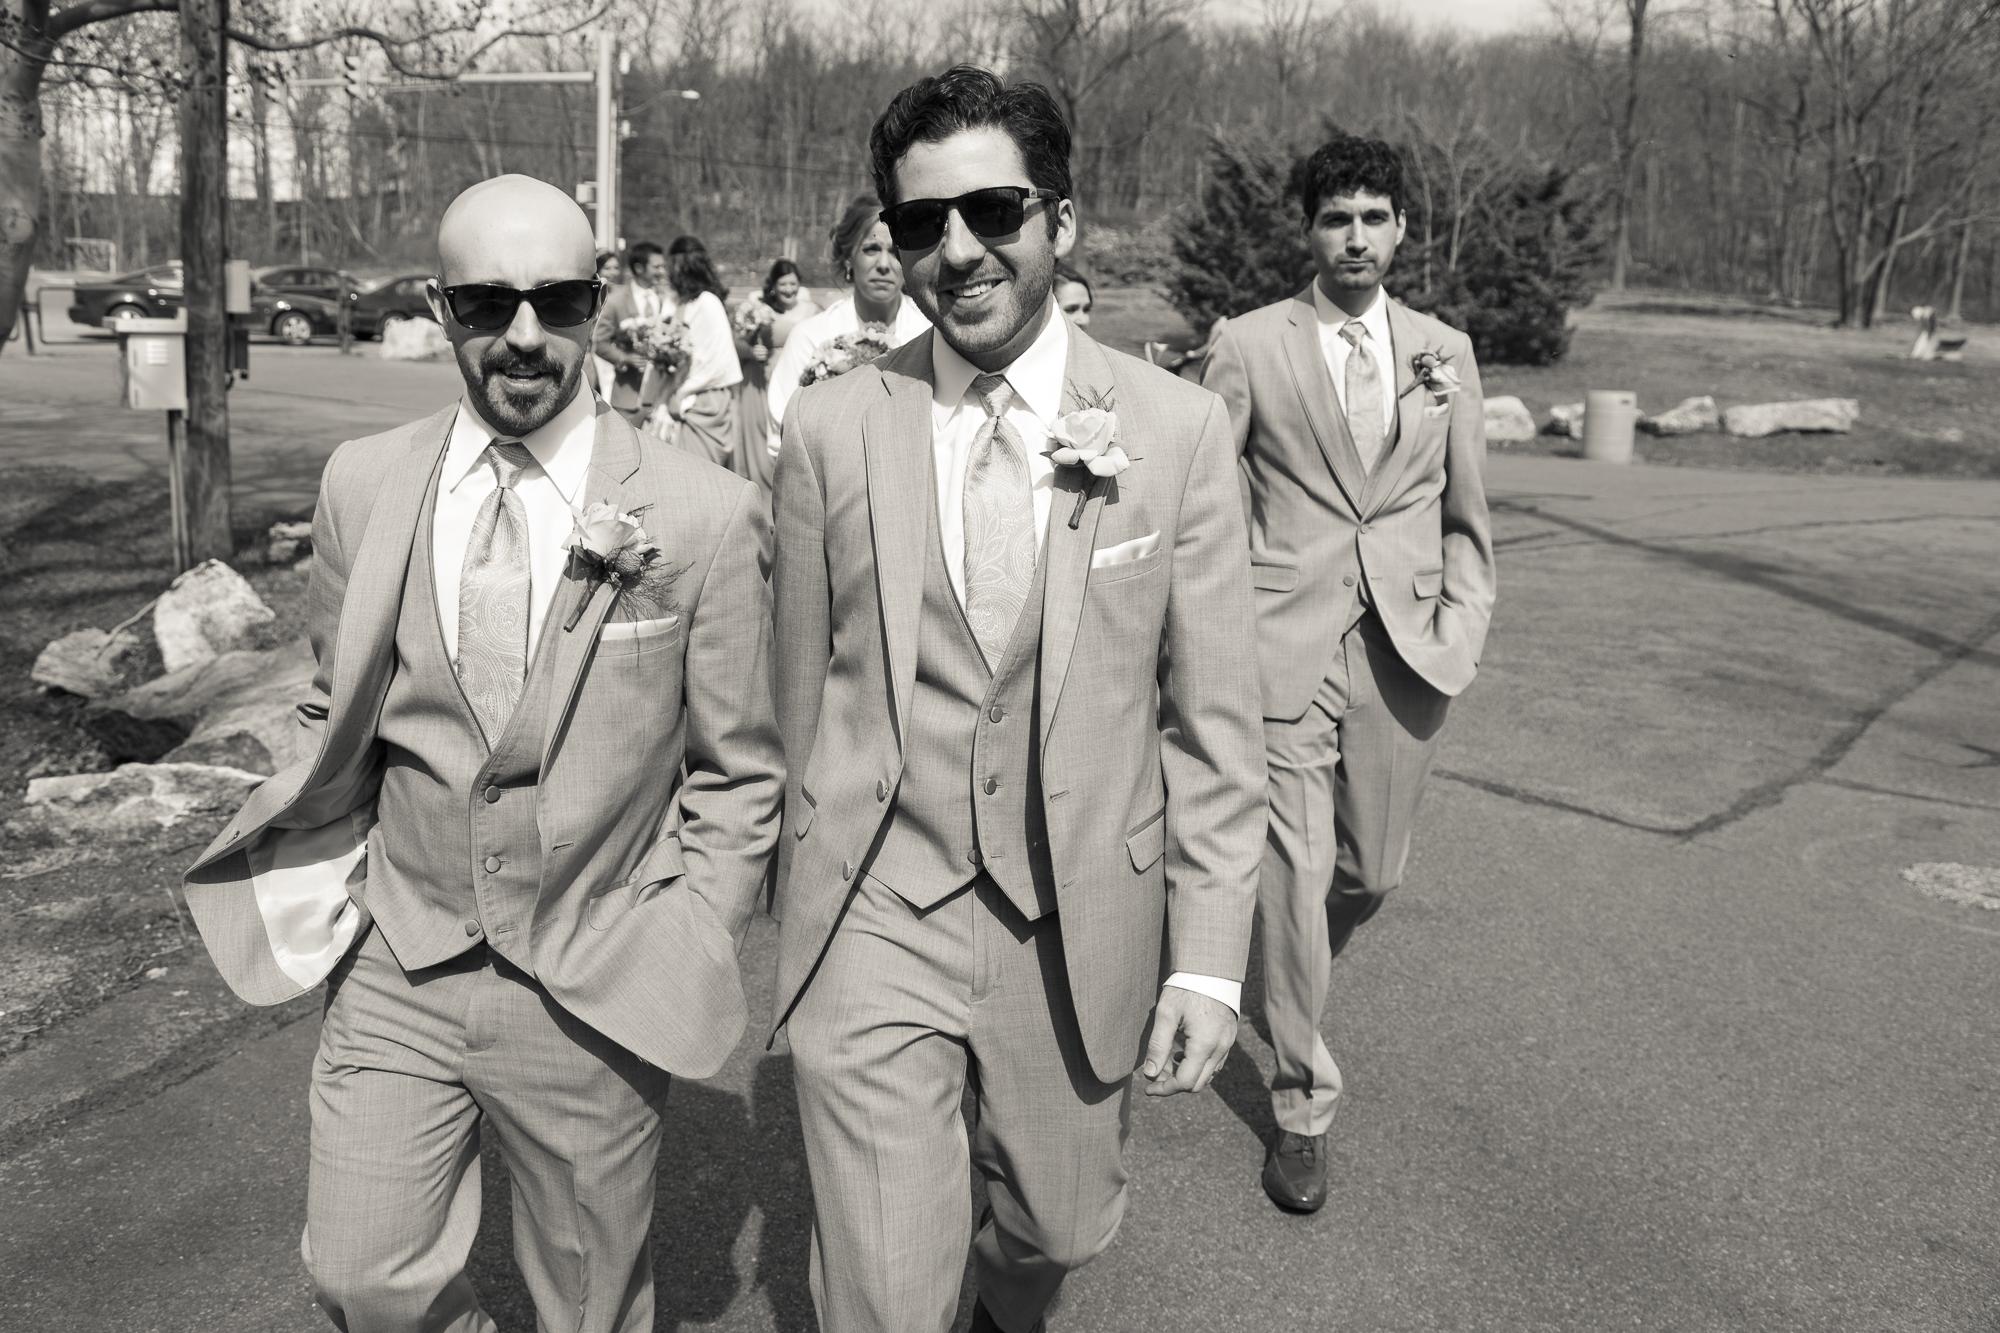 scranton-wedding-photography-zak-zavada-poconos--kellyGeoff-025.jpg